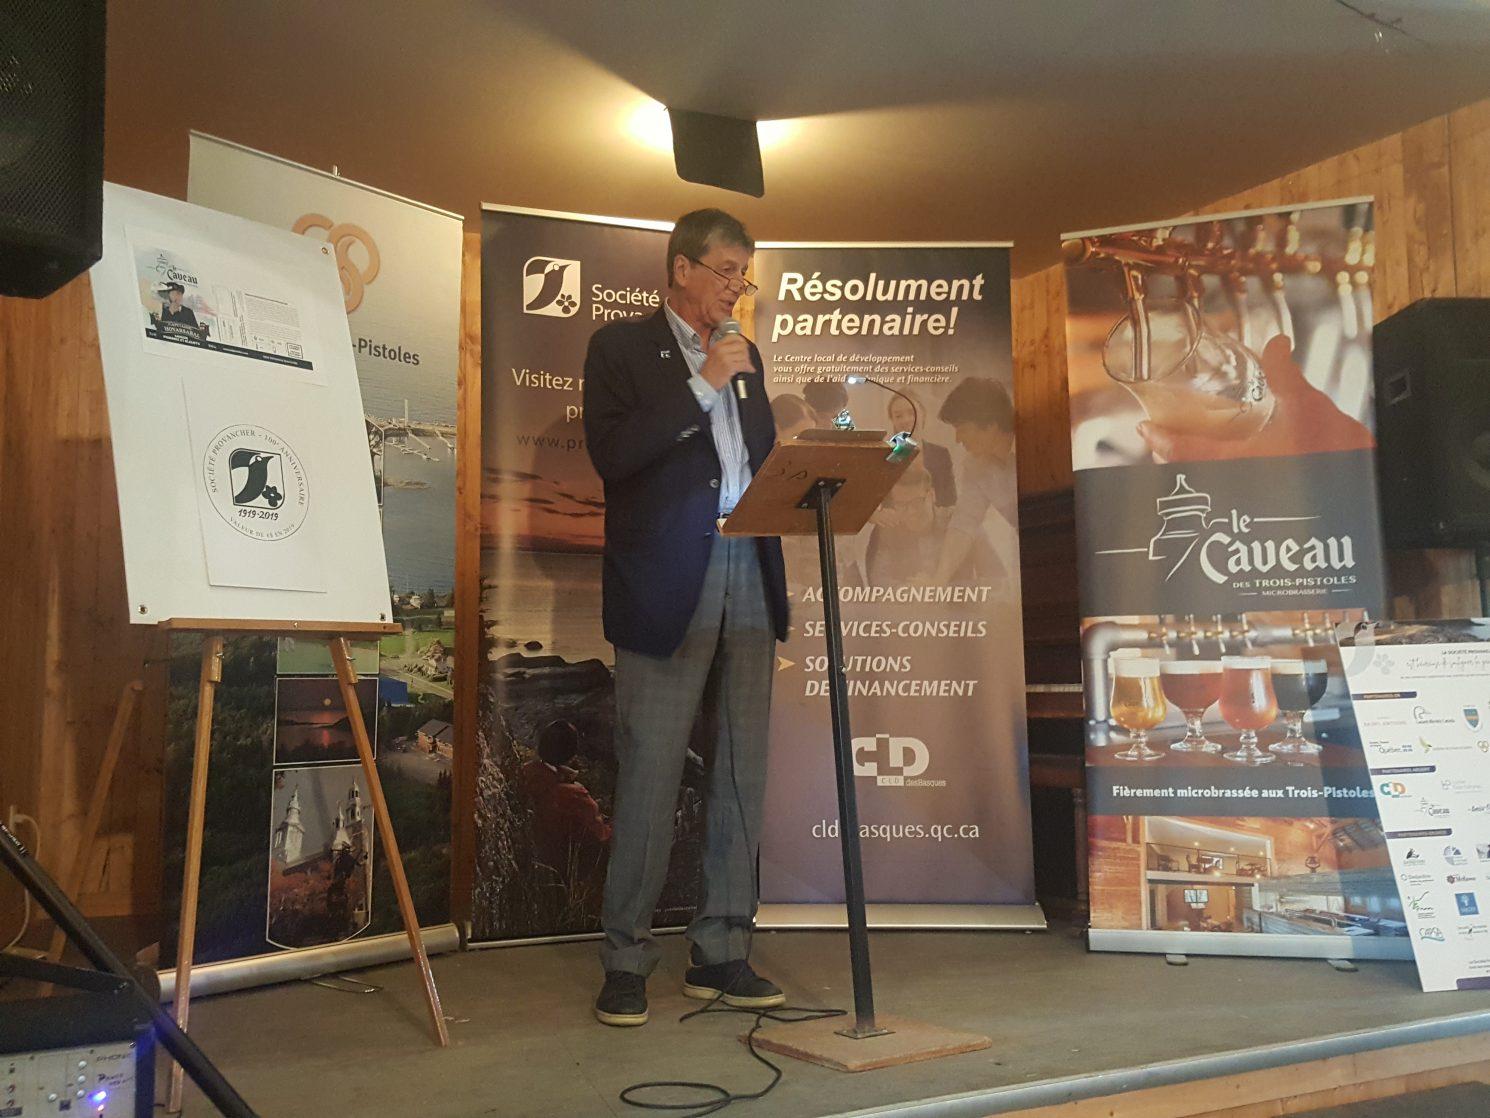 Caveau des Trois-Pistoles, le 20 juin 2019. M. Daniel St-Onge, président de la Société Provancher, a présenté les principales activités offertes au Bas-Saint-Laurent dans la cadre du centenaire. Photo : Élisabeth Bossert.